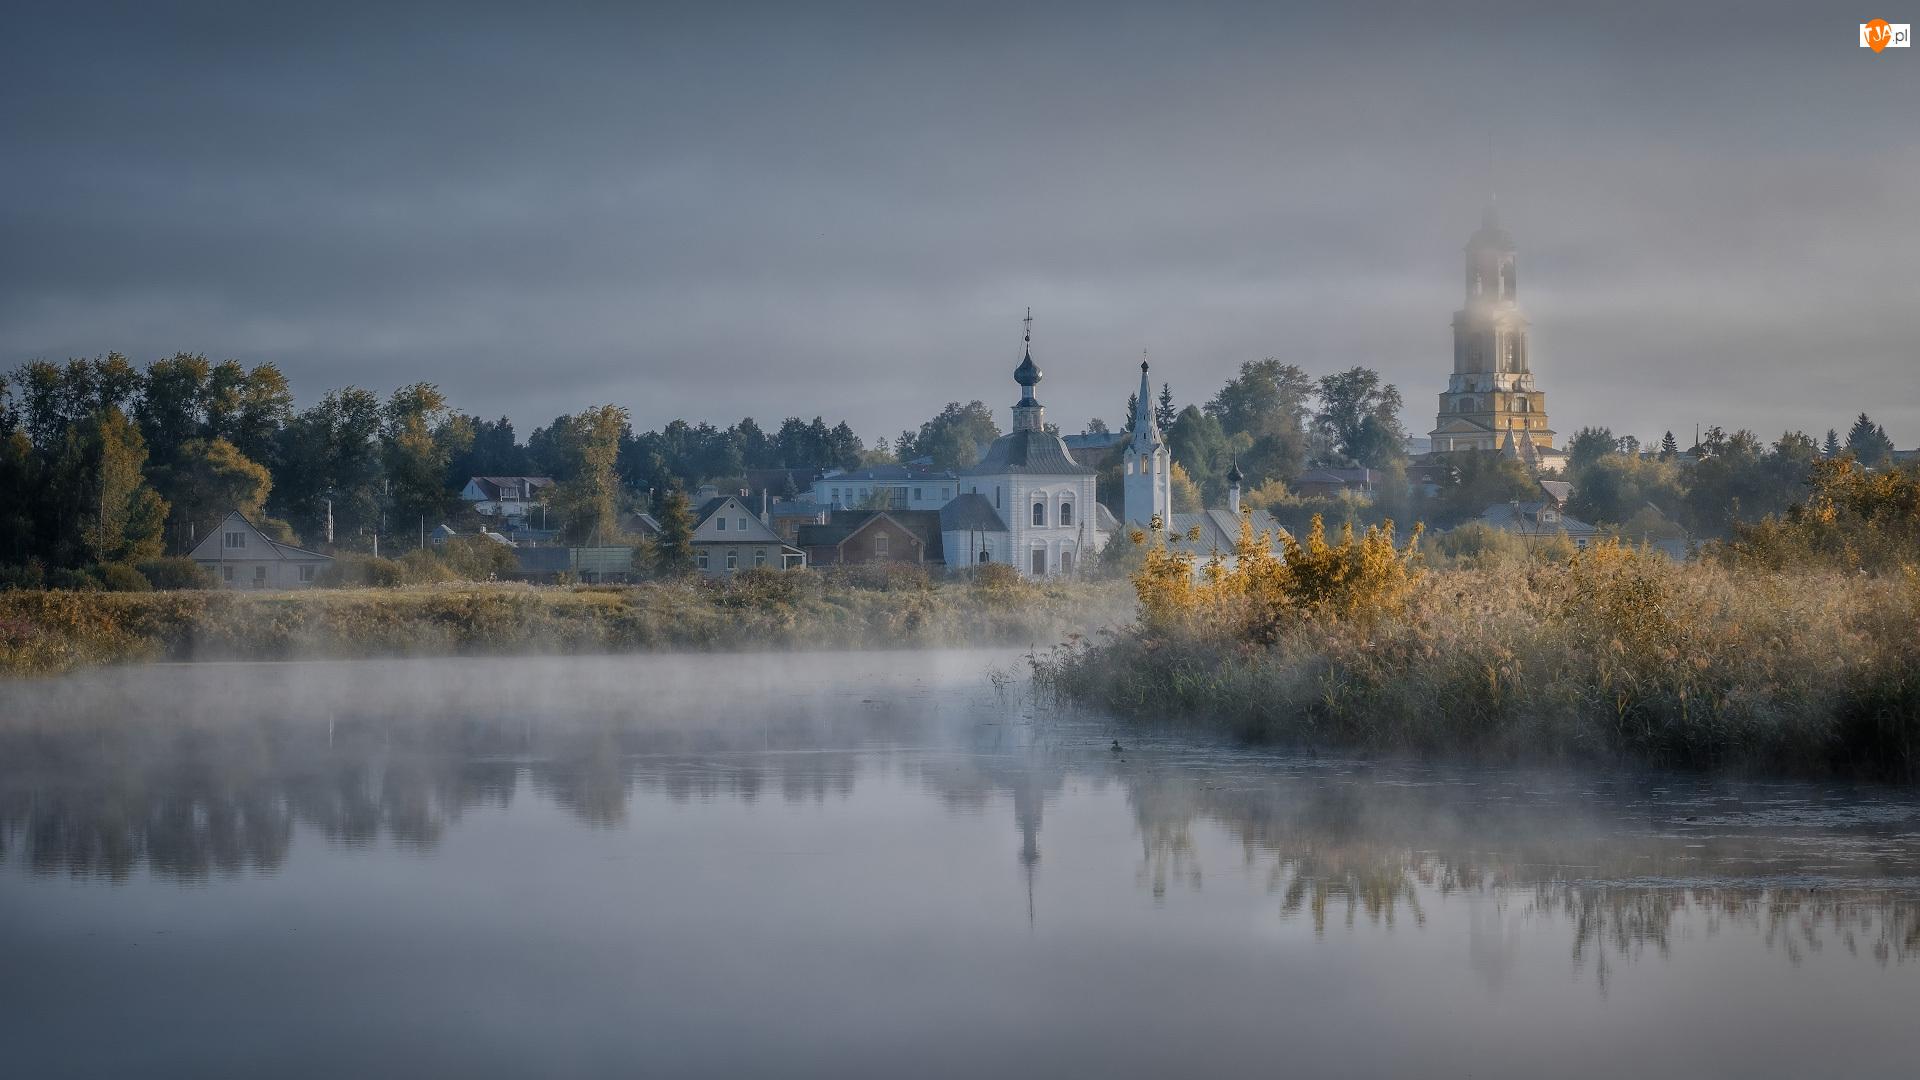 Rosja, Cerkiew, Suzdal, Domy, Drzewa, Rzeka Kamienka, Zarośla, Mgła, Jesień, Obwód włodzimierski